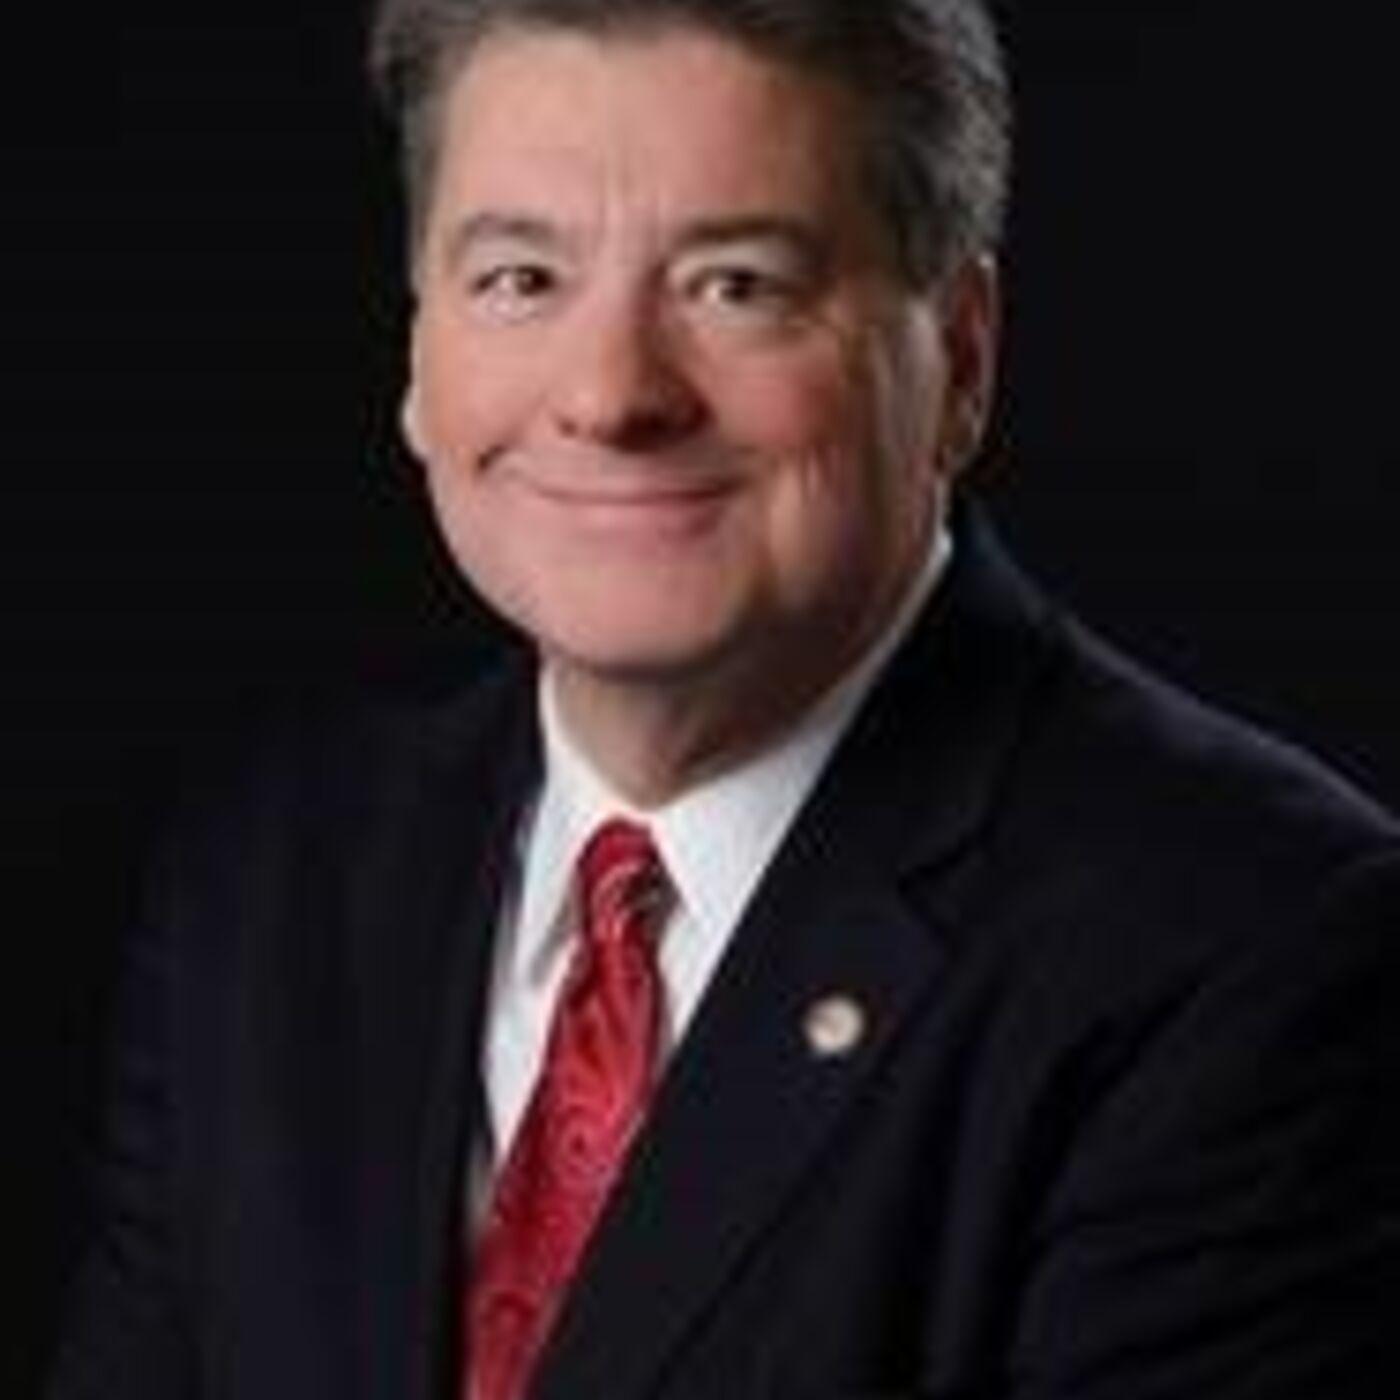 Ep. 32 - Ohio Representative, Tom Patton (R - District 7)